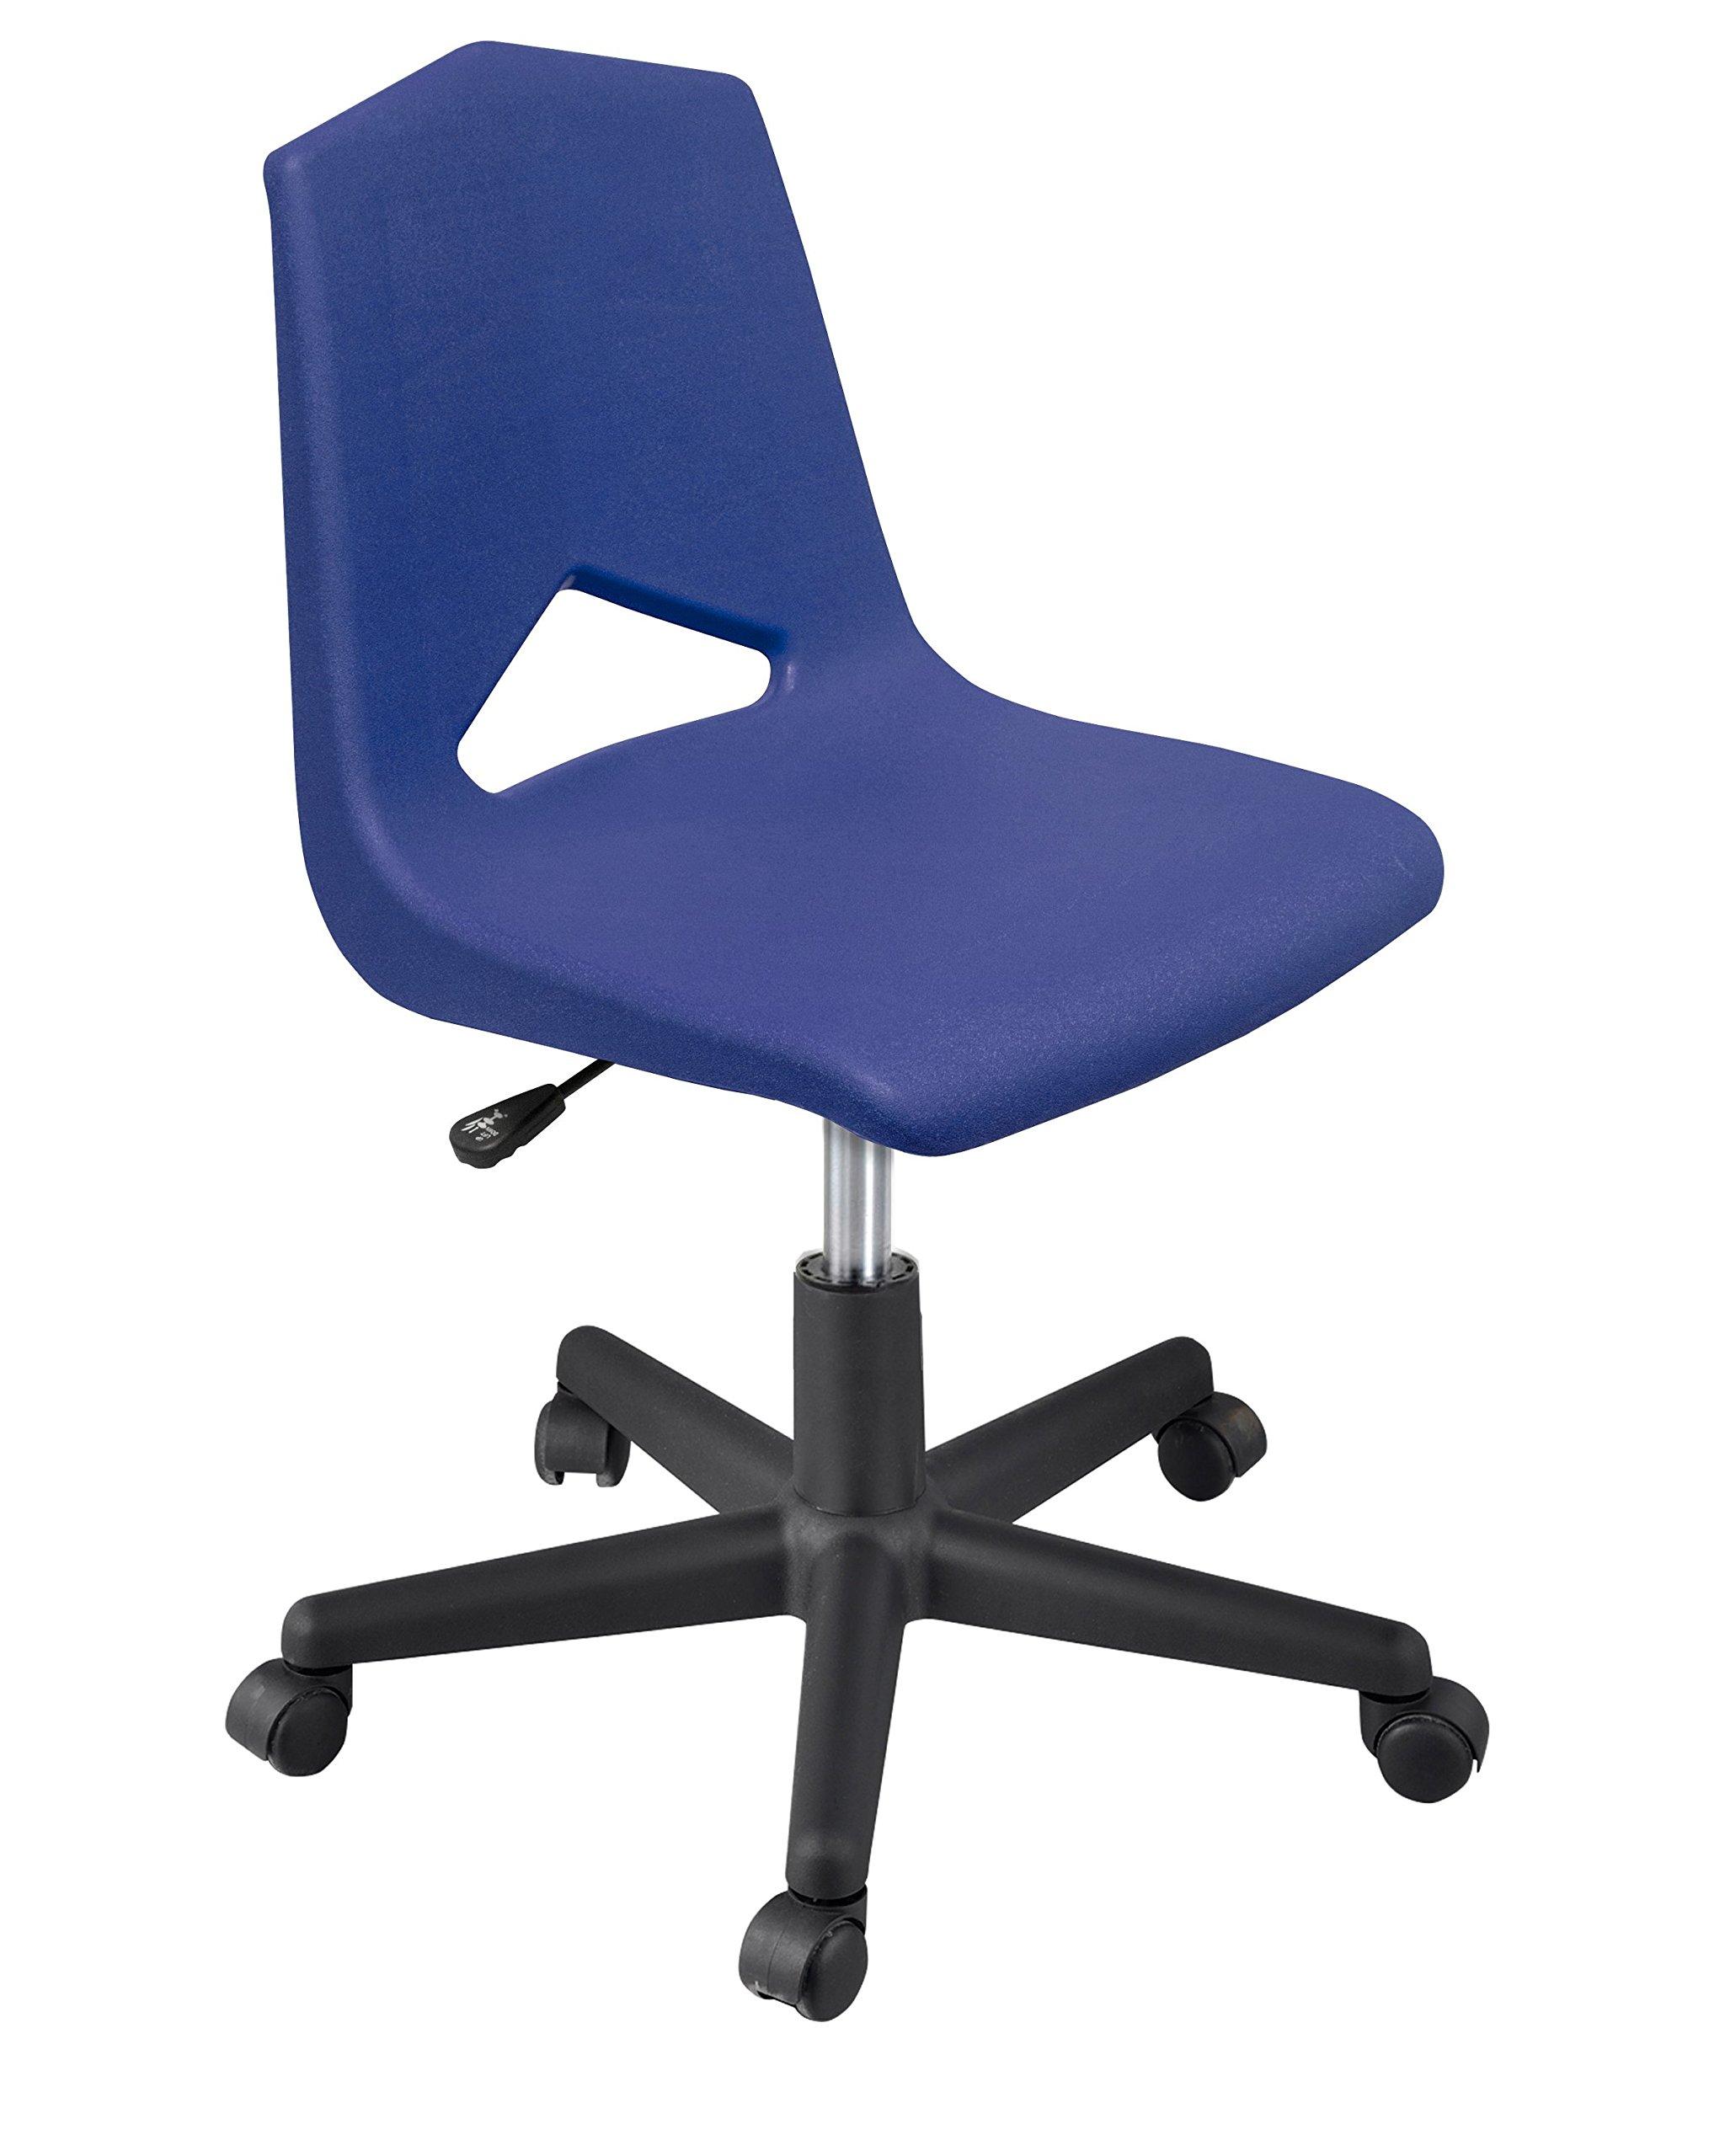 Marco Group MG1182-20BK-ANA Mg Series Adjustable Task Chair, 16''-20'', Navy/Black, 2''